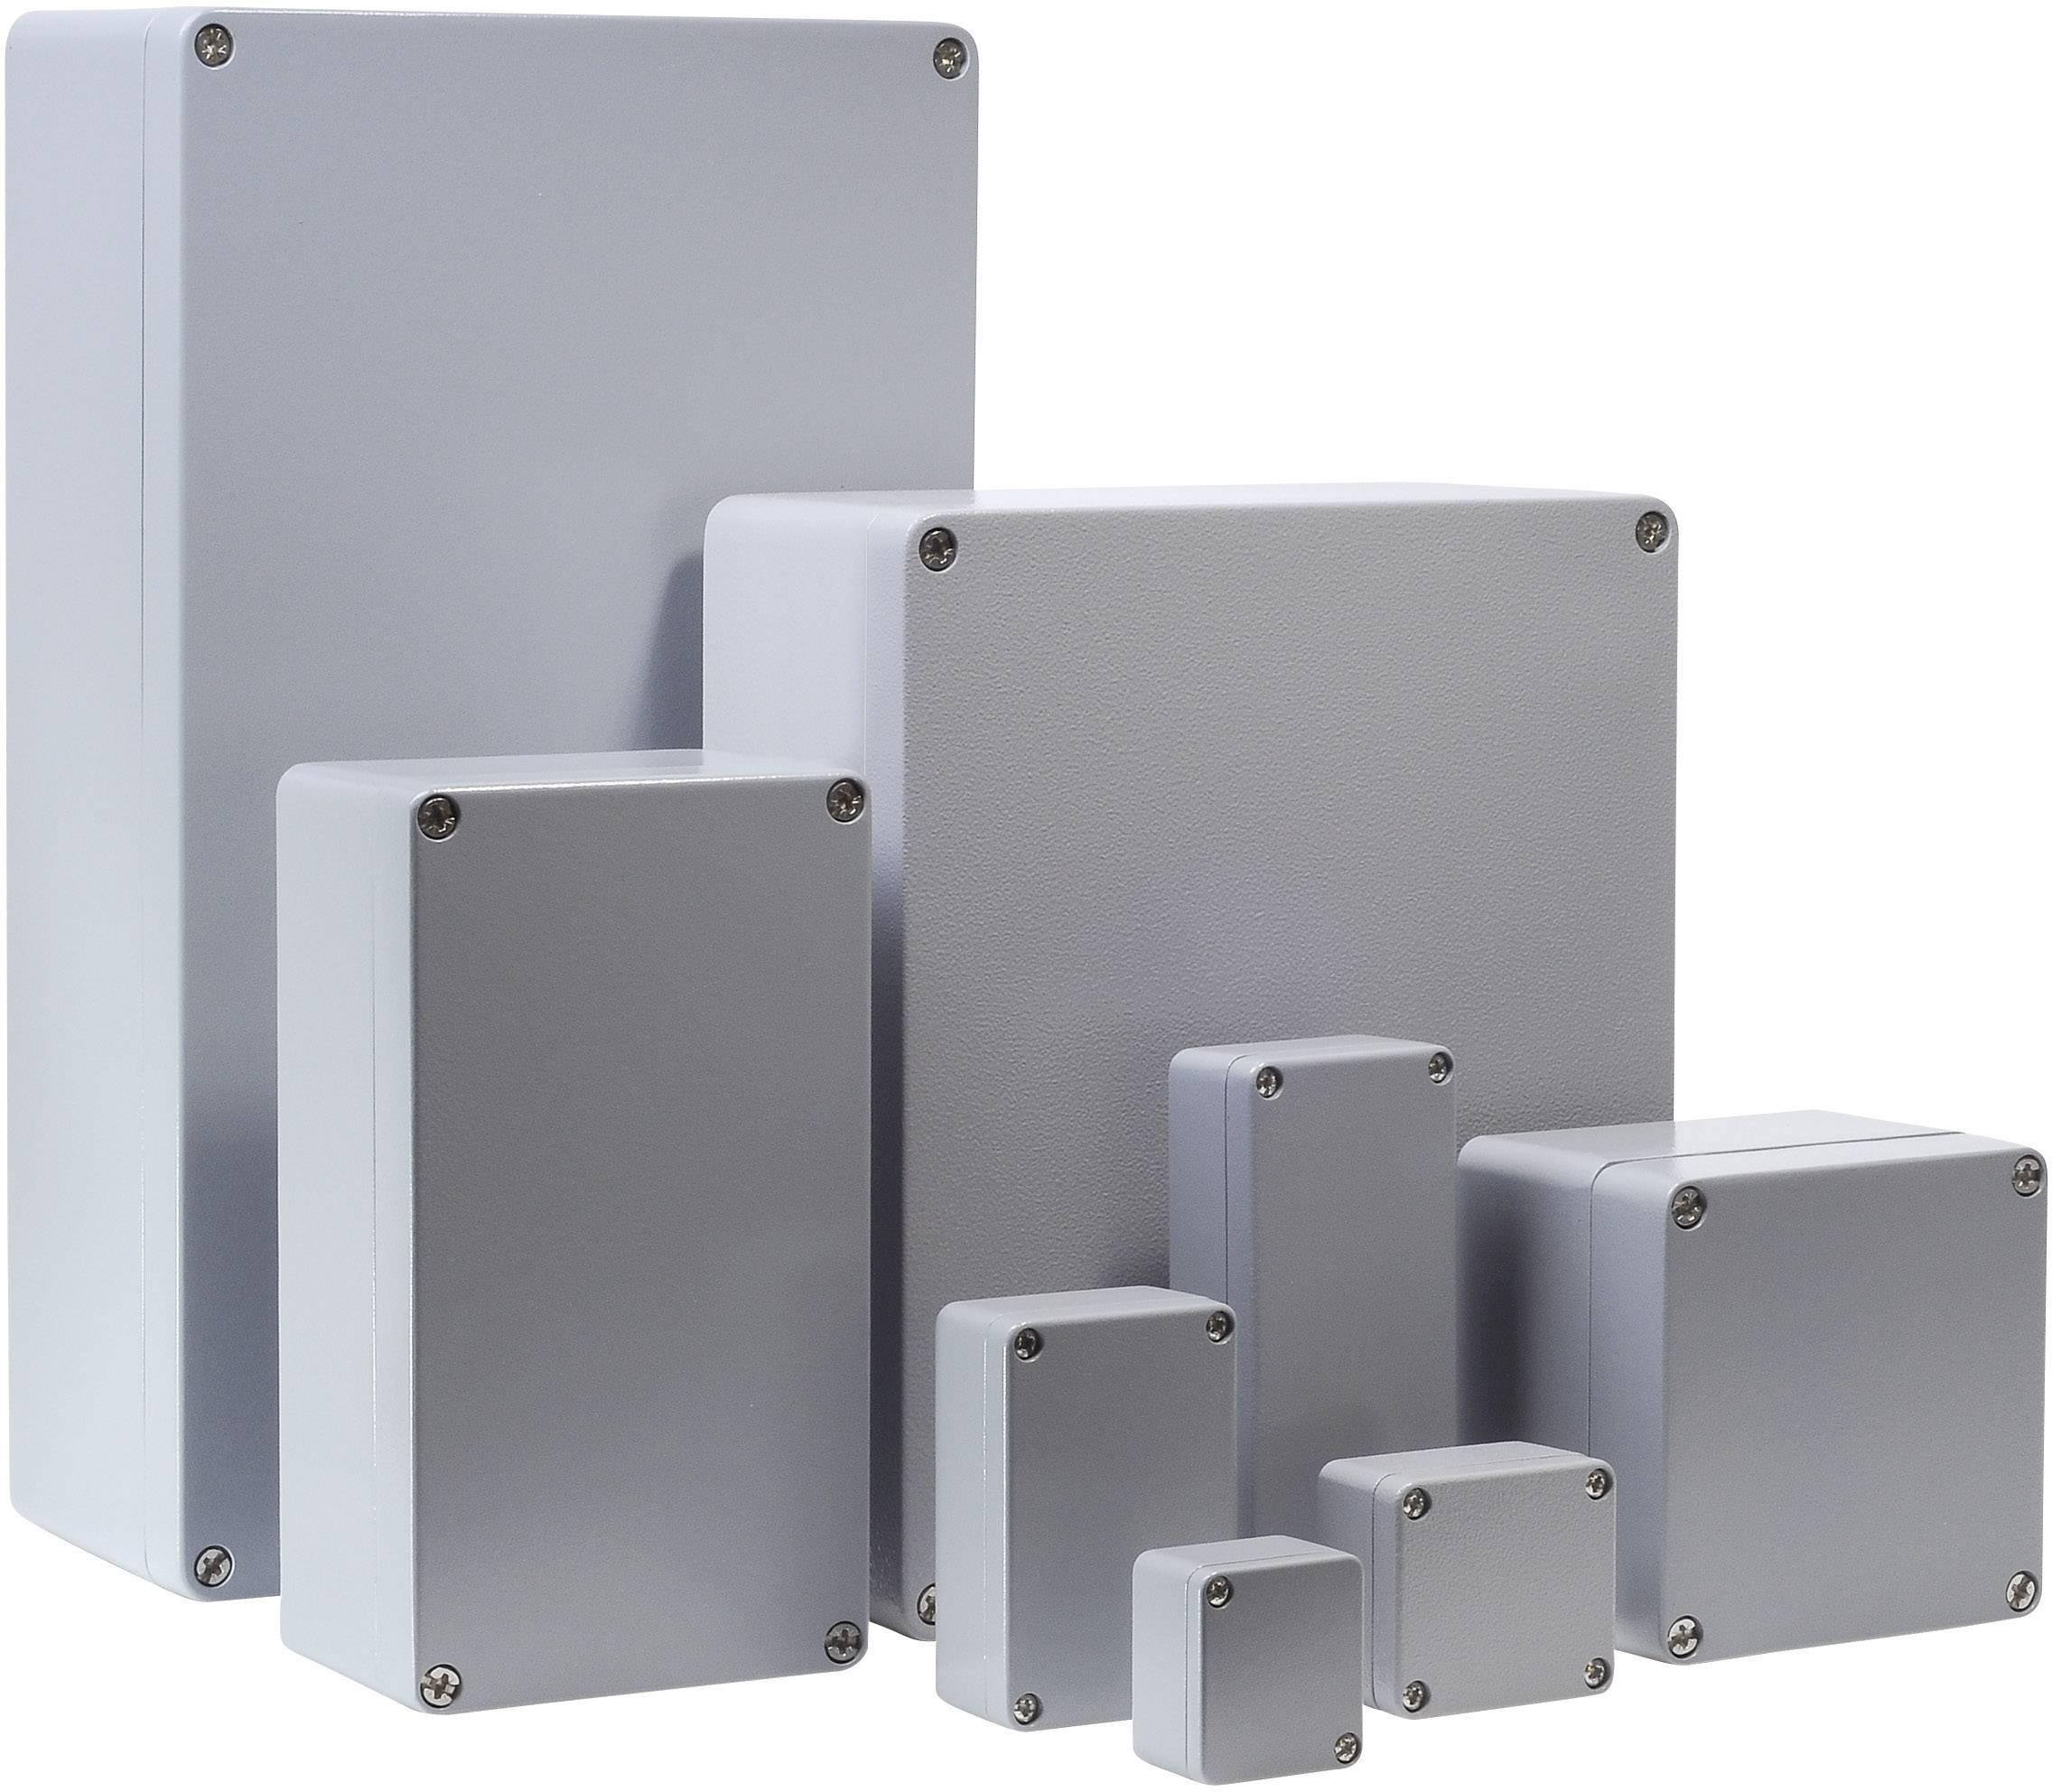 Univerzální pouzdro hliníkové Bernstein AG CA-130, (d x š x v) 75 x 80 x 57 mm, stříbrná